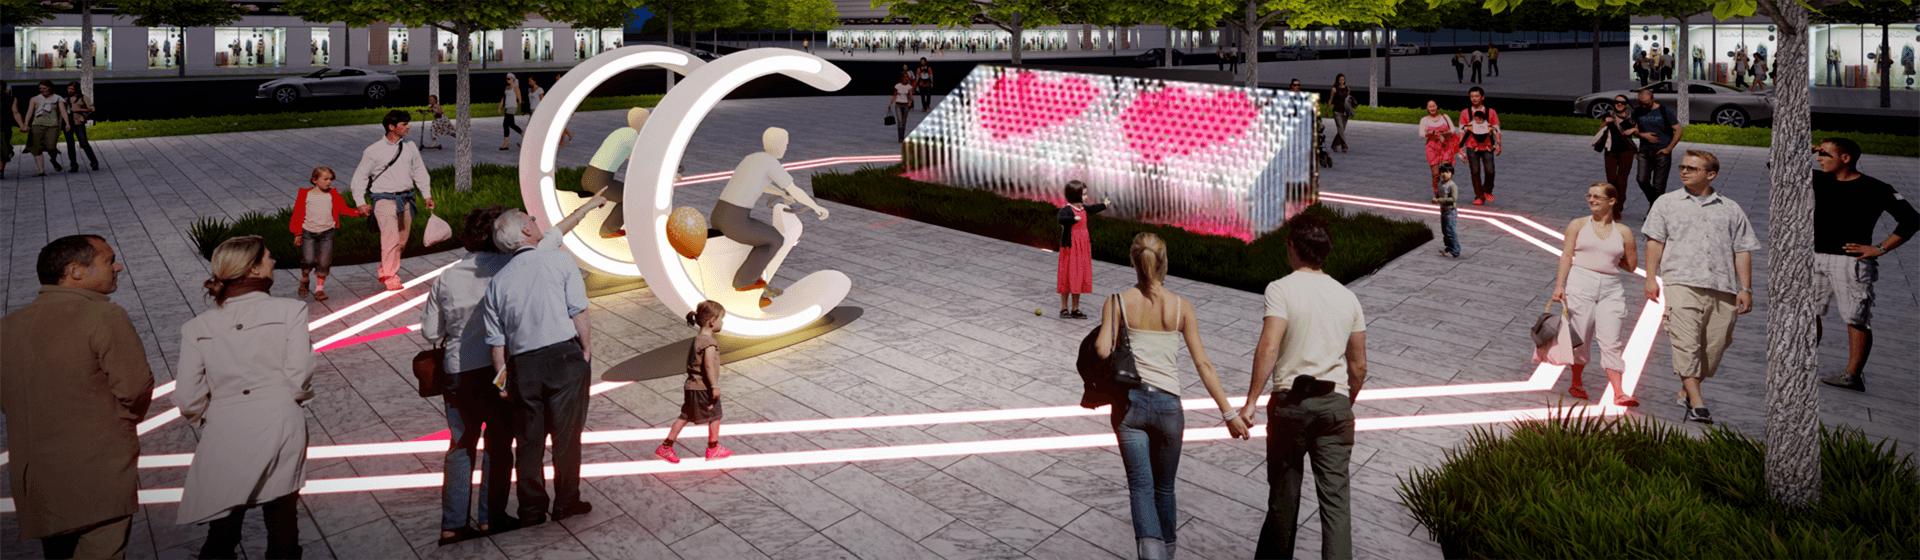 网红互动产品-网红互动装置-网红互动景观-城基生态智慧公园